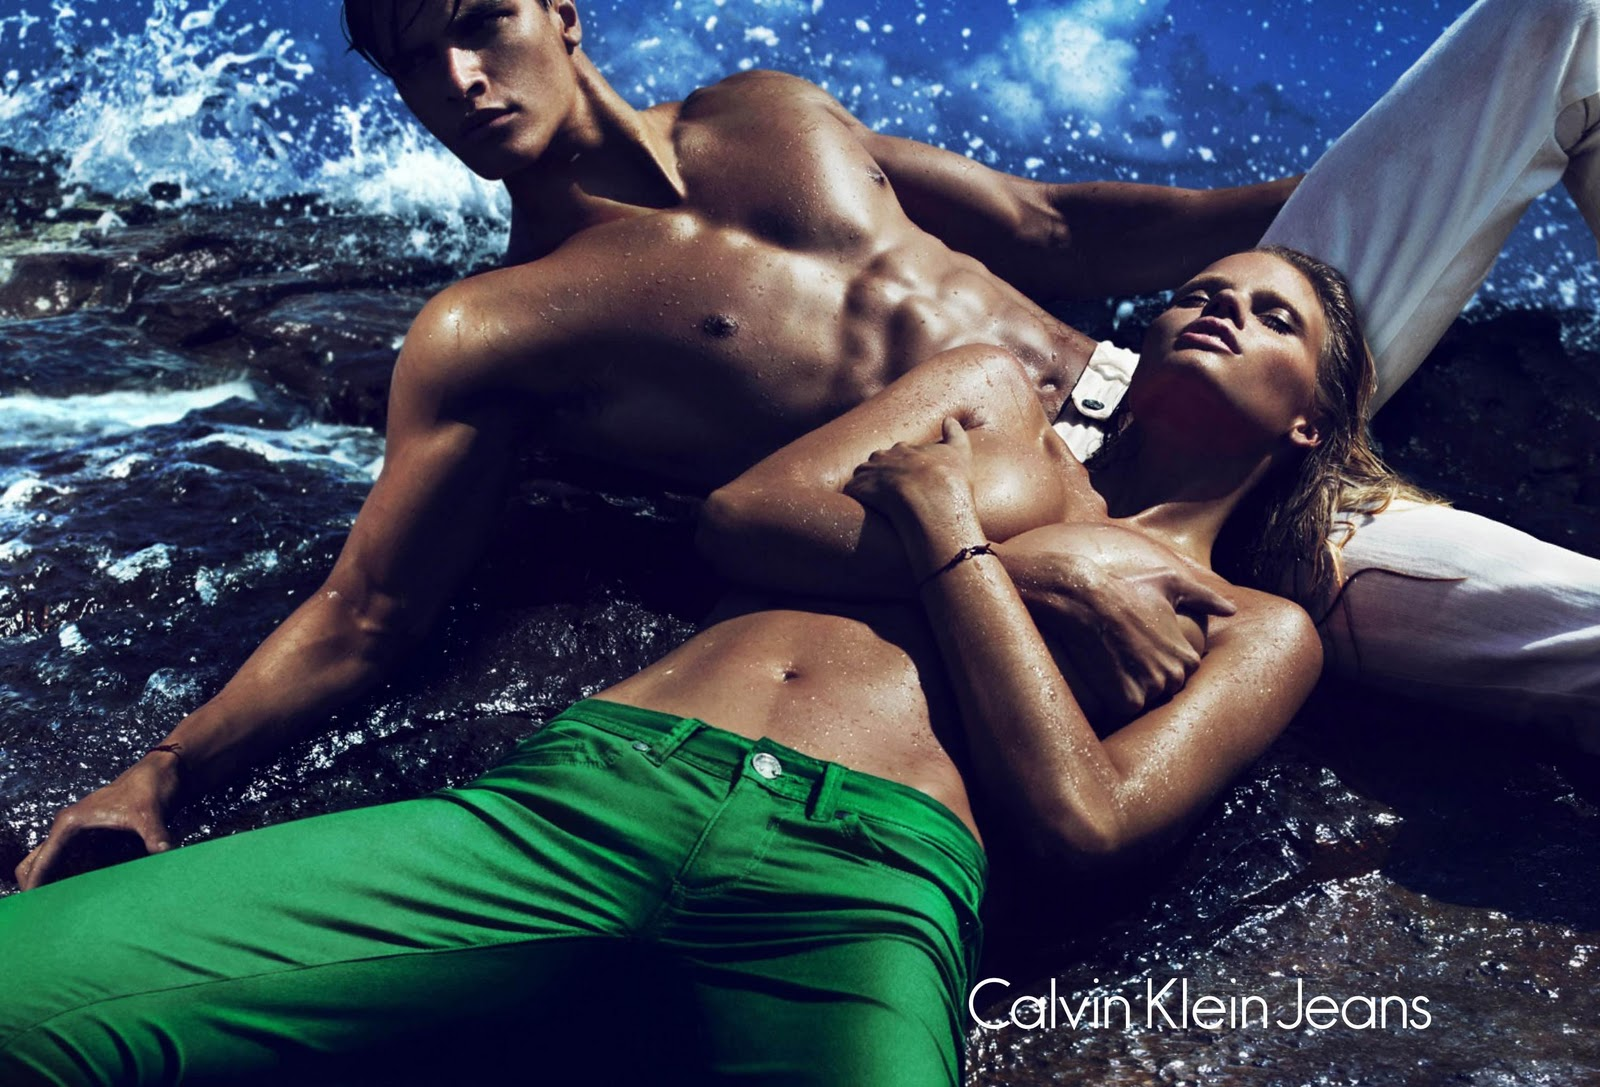 http://4.bp.blogspot.com/-QPxkxSxtTnA/TxgQSAtKsXI/AAAAAAAACOU/5T0v6nJWwmc/s1600/Calvin+Klein+Jeans+Spring+2012+SS12+St+Barts+Lara+Stone+bright+bold+green+denim+trousers+Matthew+Terry.jpg